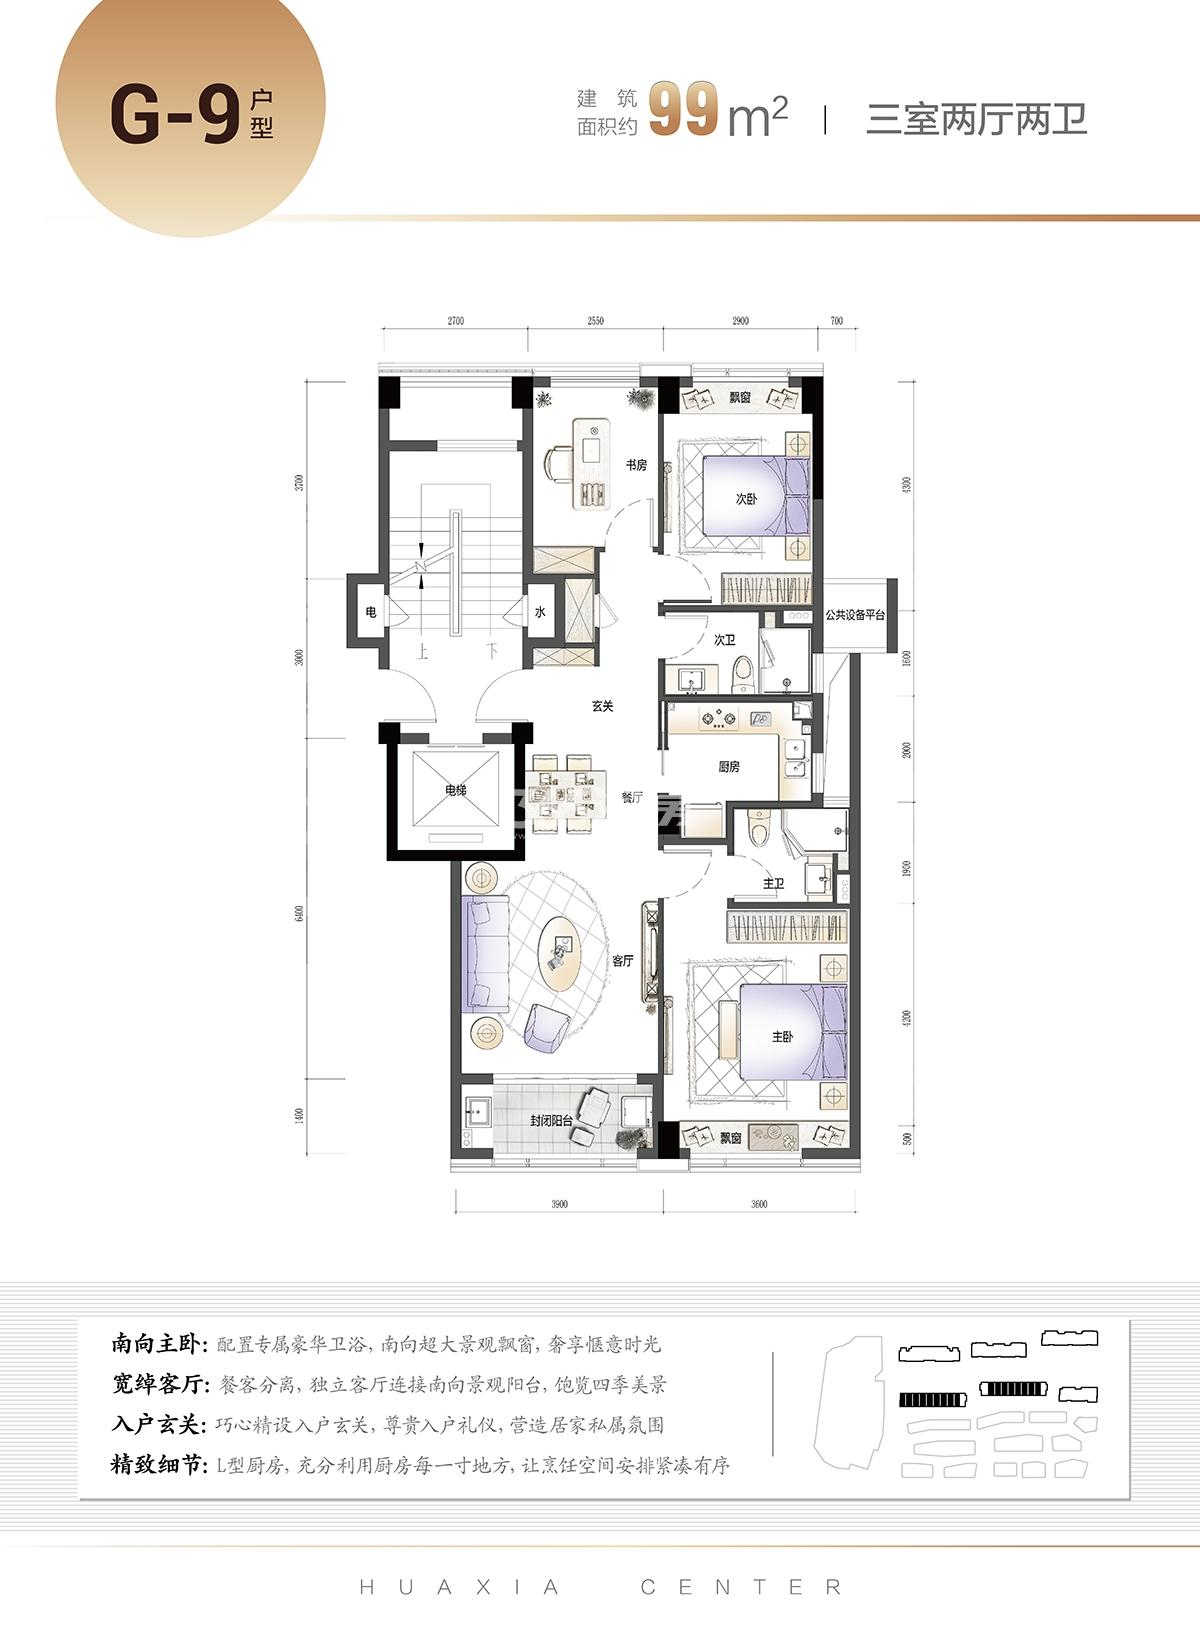 华夏之心4、5号楼G-9户型99方三室两厅两卫